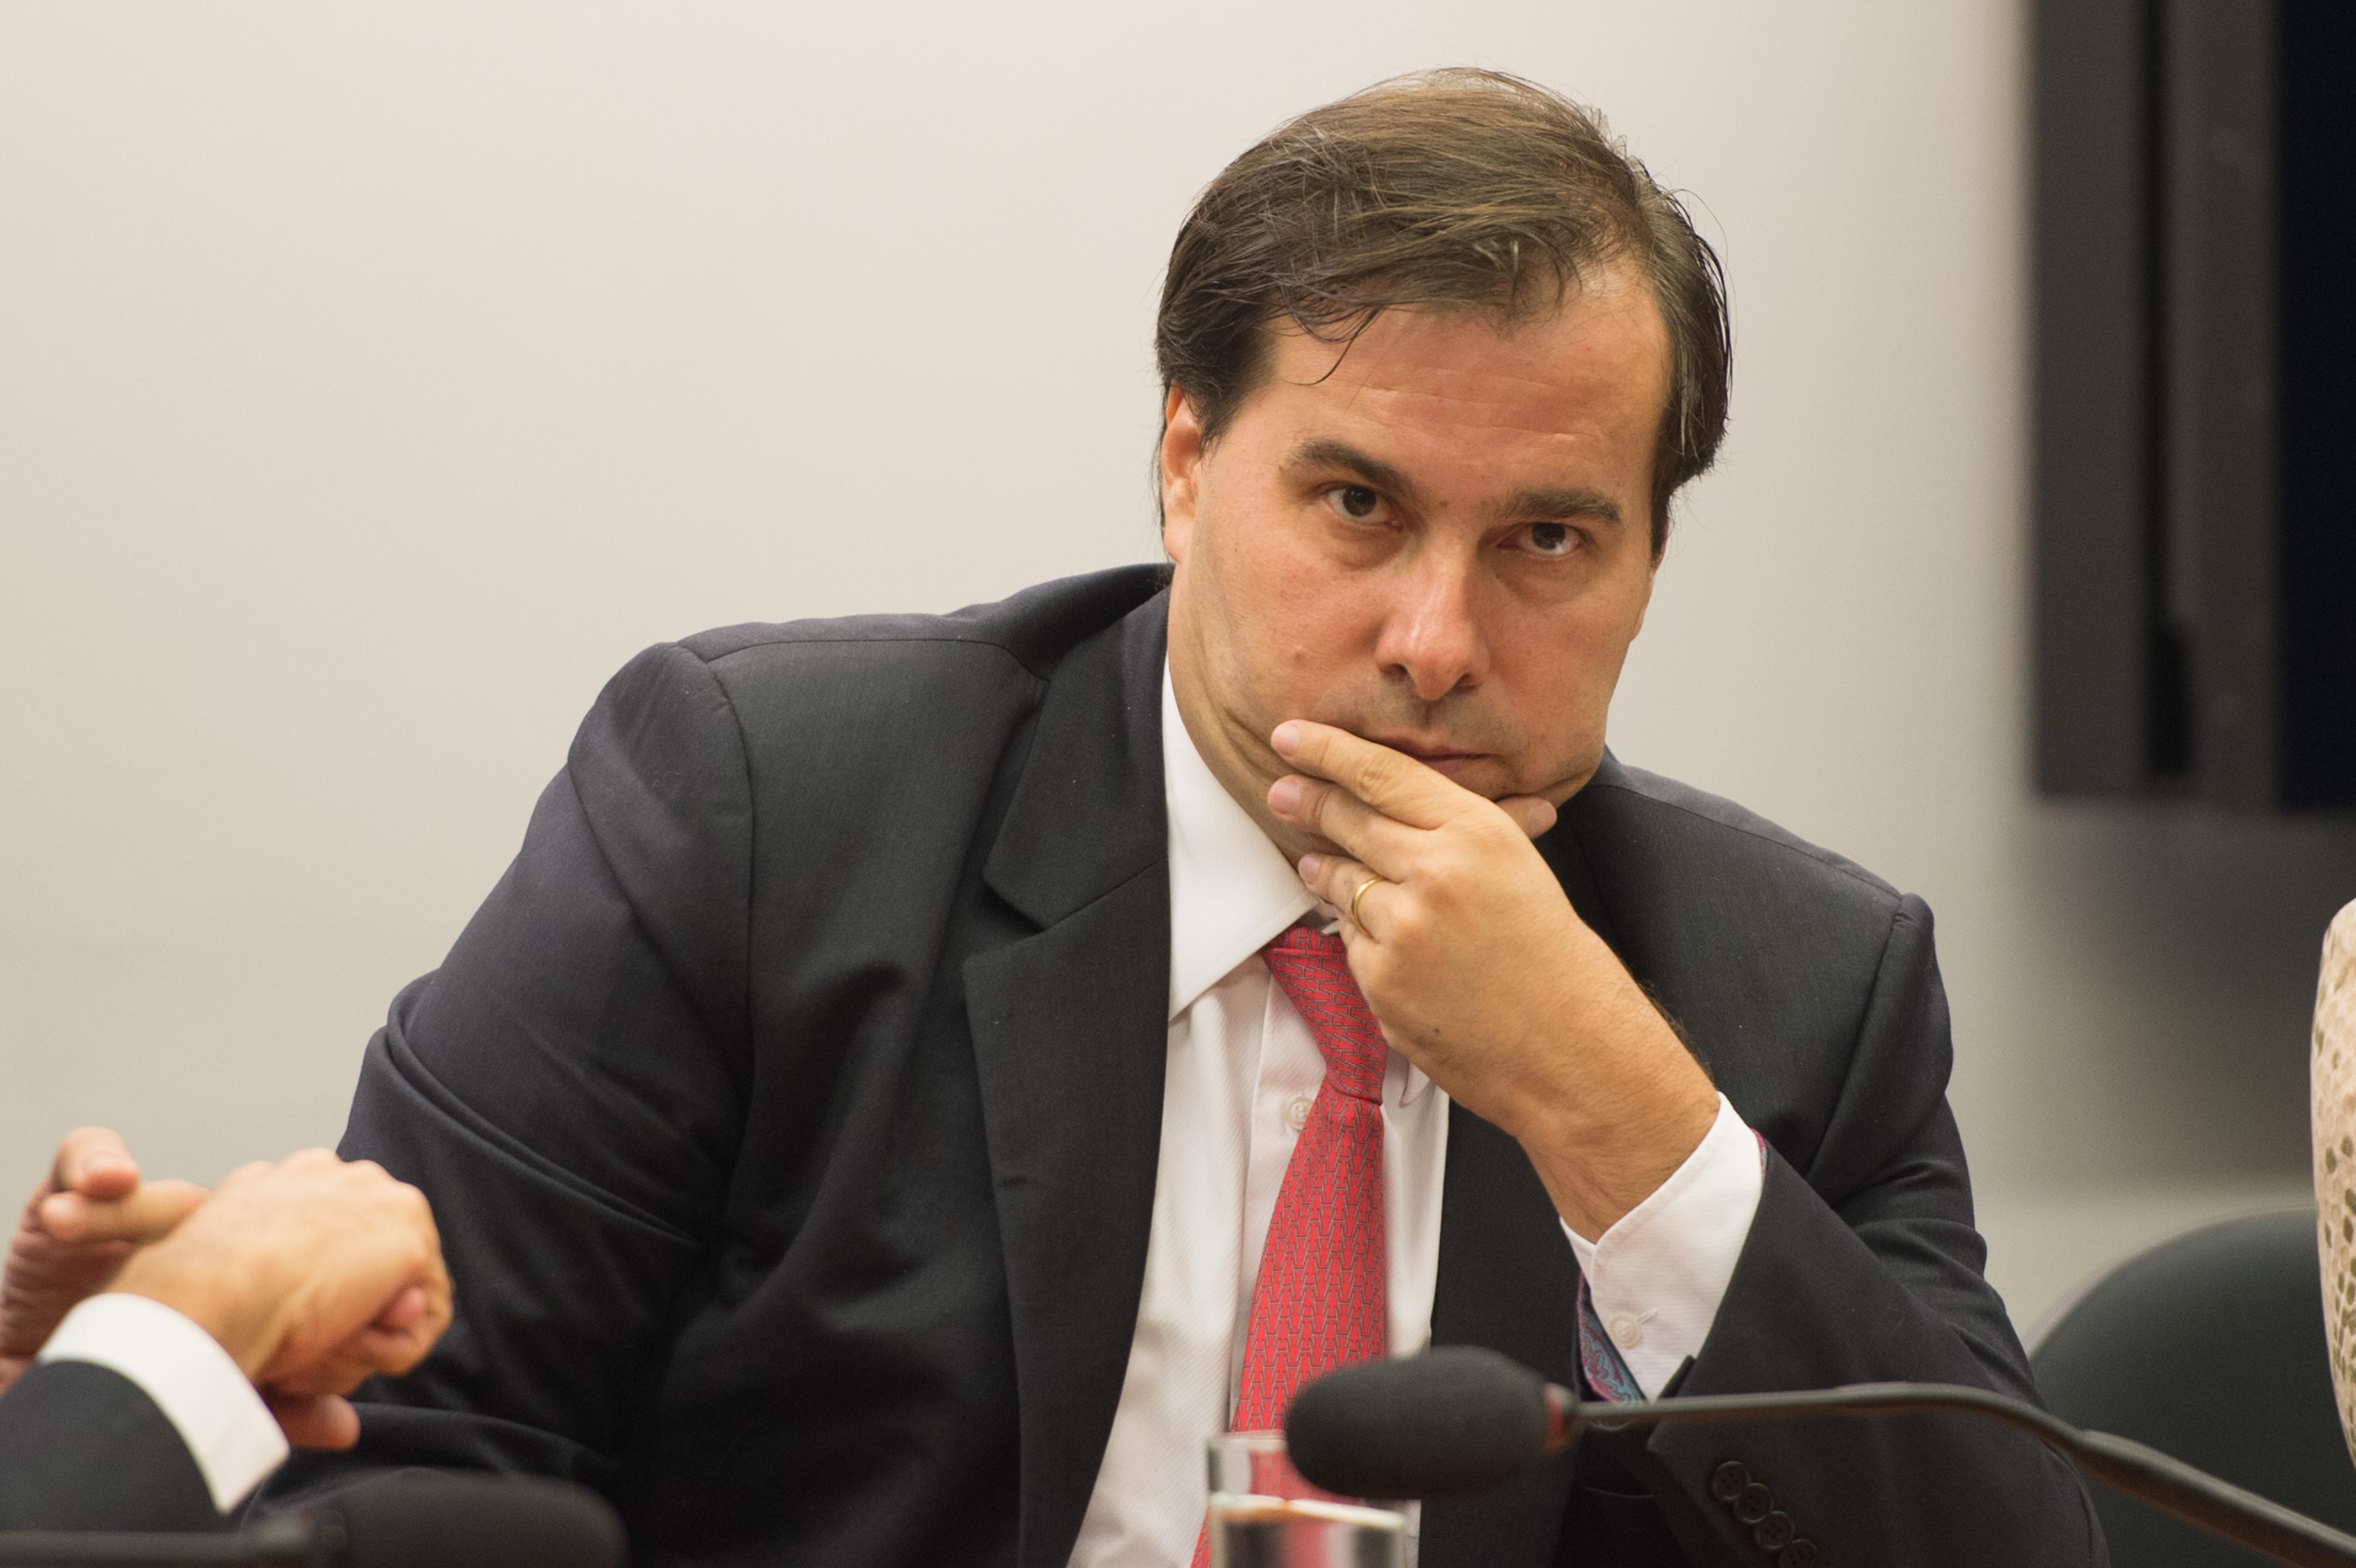 Relator diz que Temer terá conta 'pesada' para aprovar reforma da Previdência